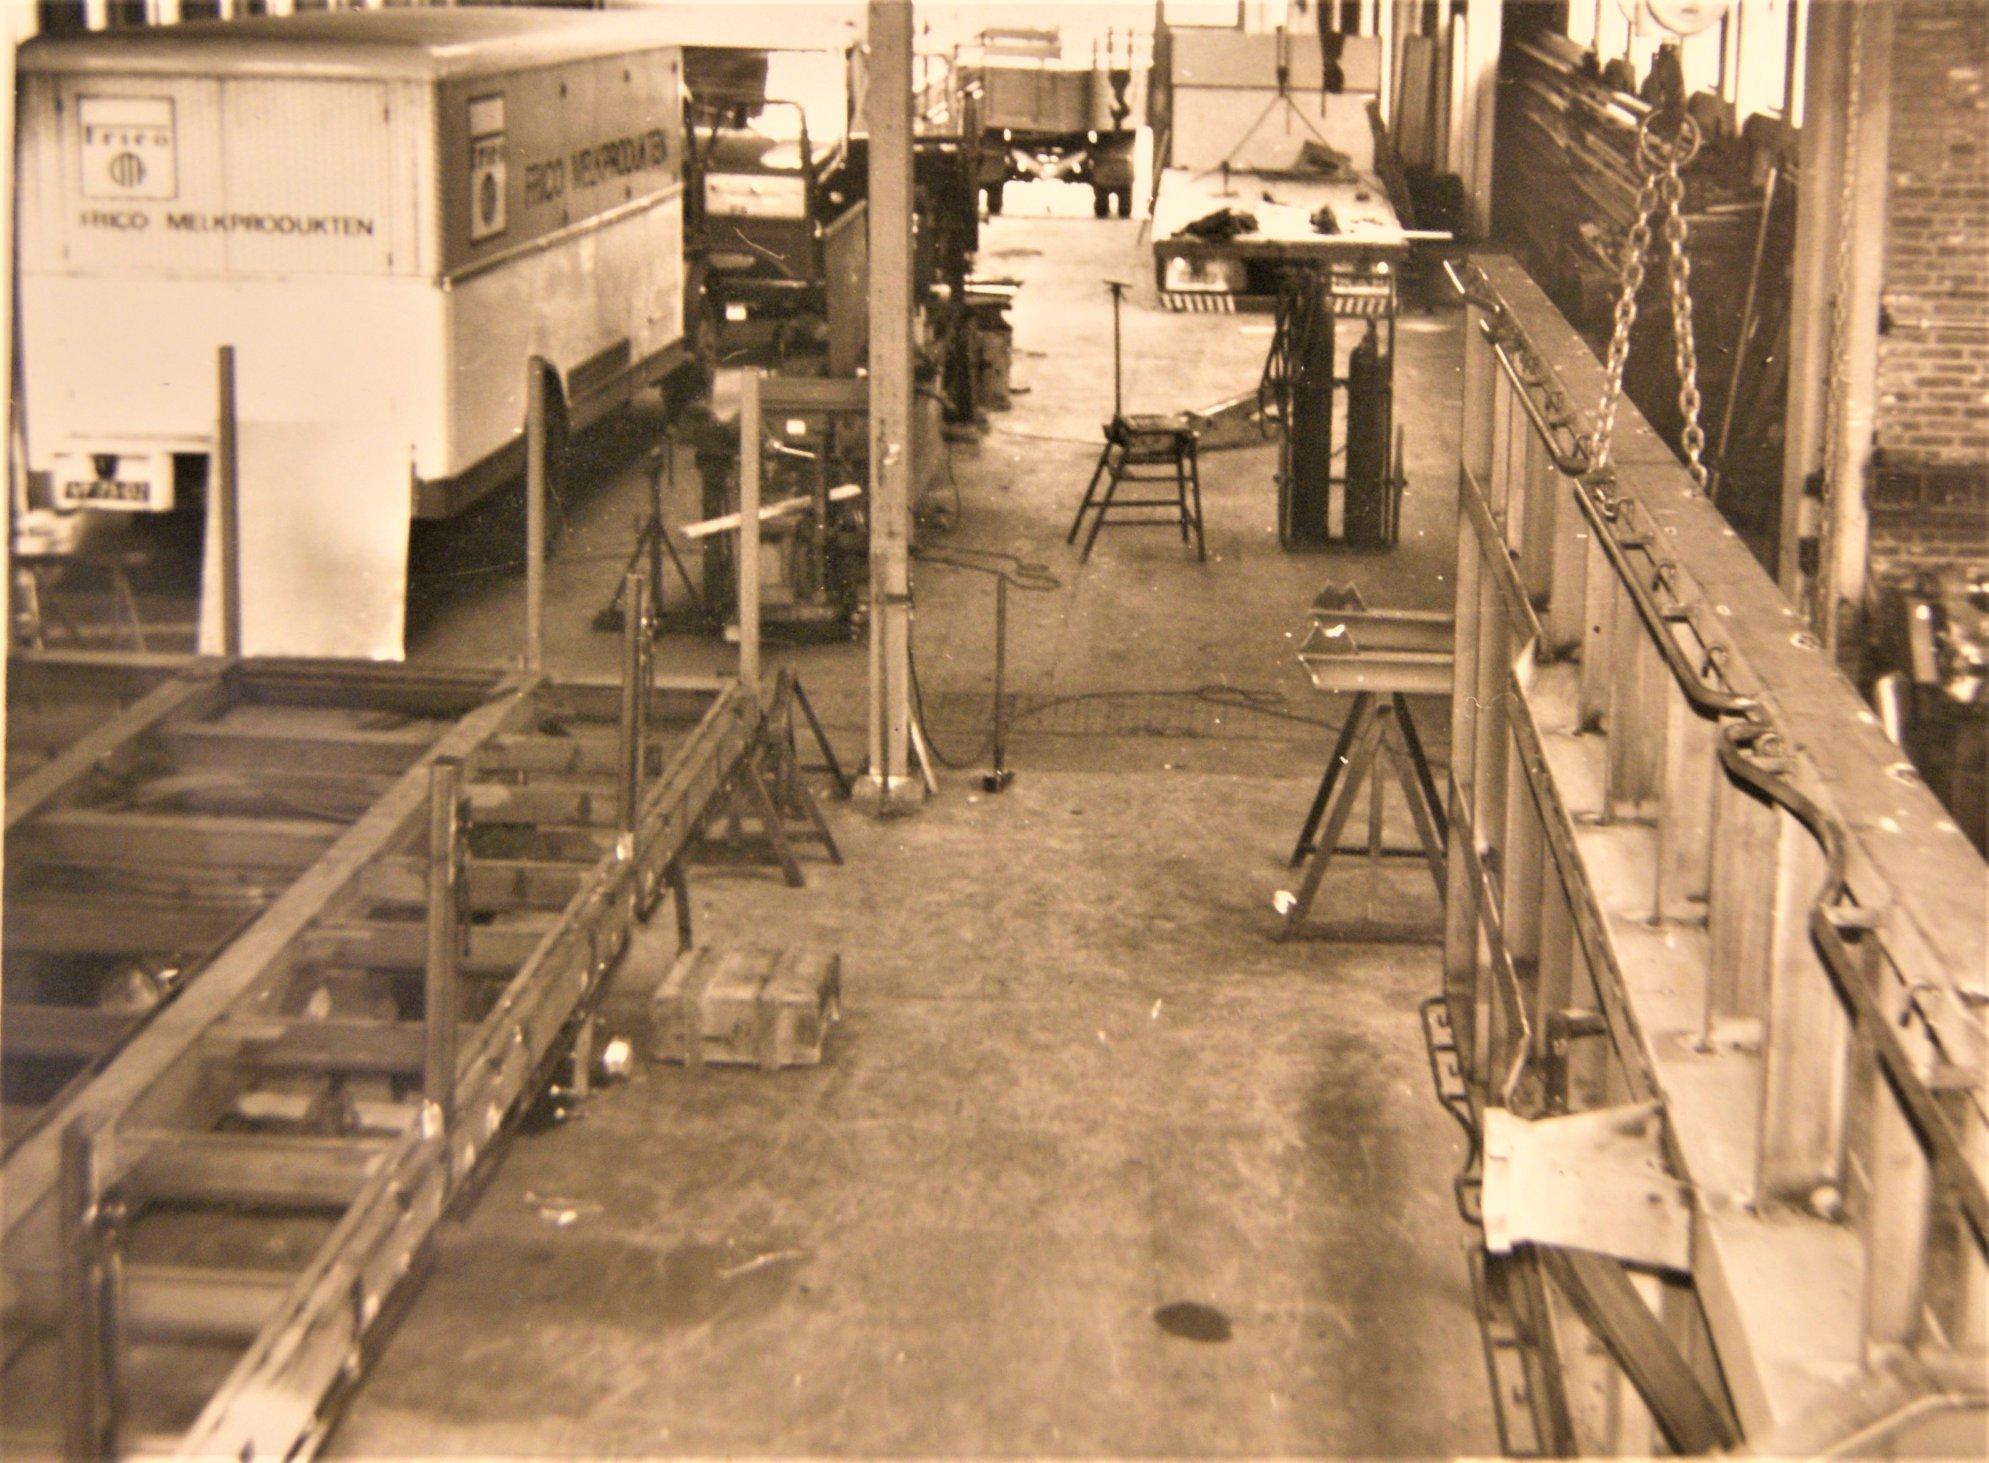 werkplaats-van-Rondaan-in-Beetgum-in-de-jaren-60-70-3